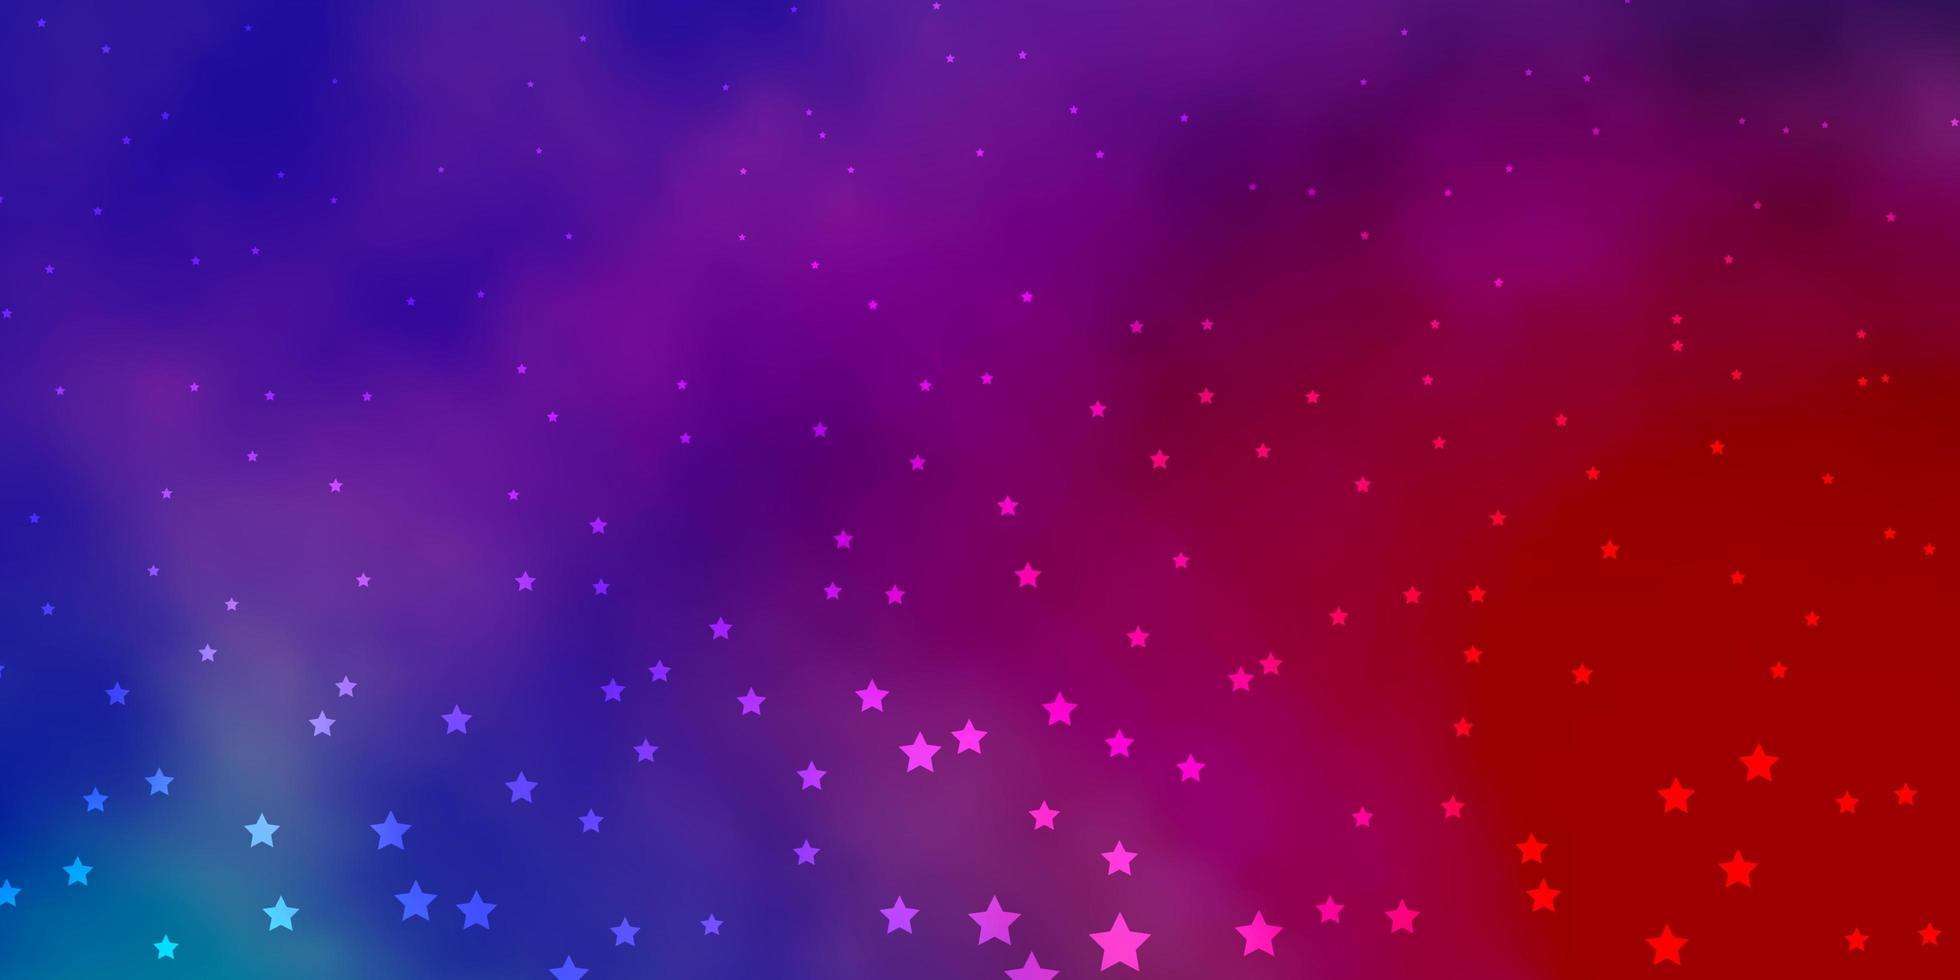 patrón de color rosa y morado con estrellas abstractas. vector